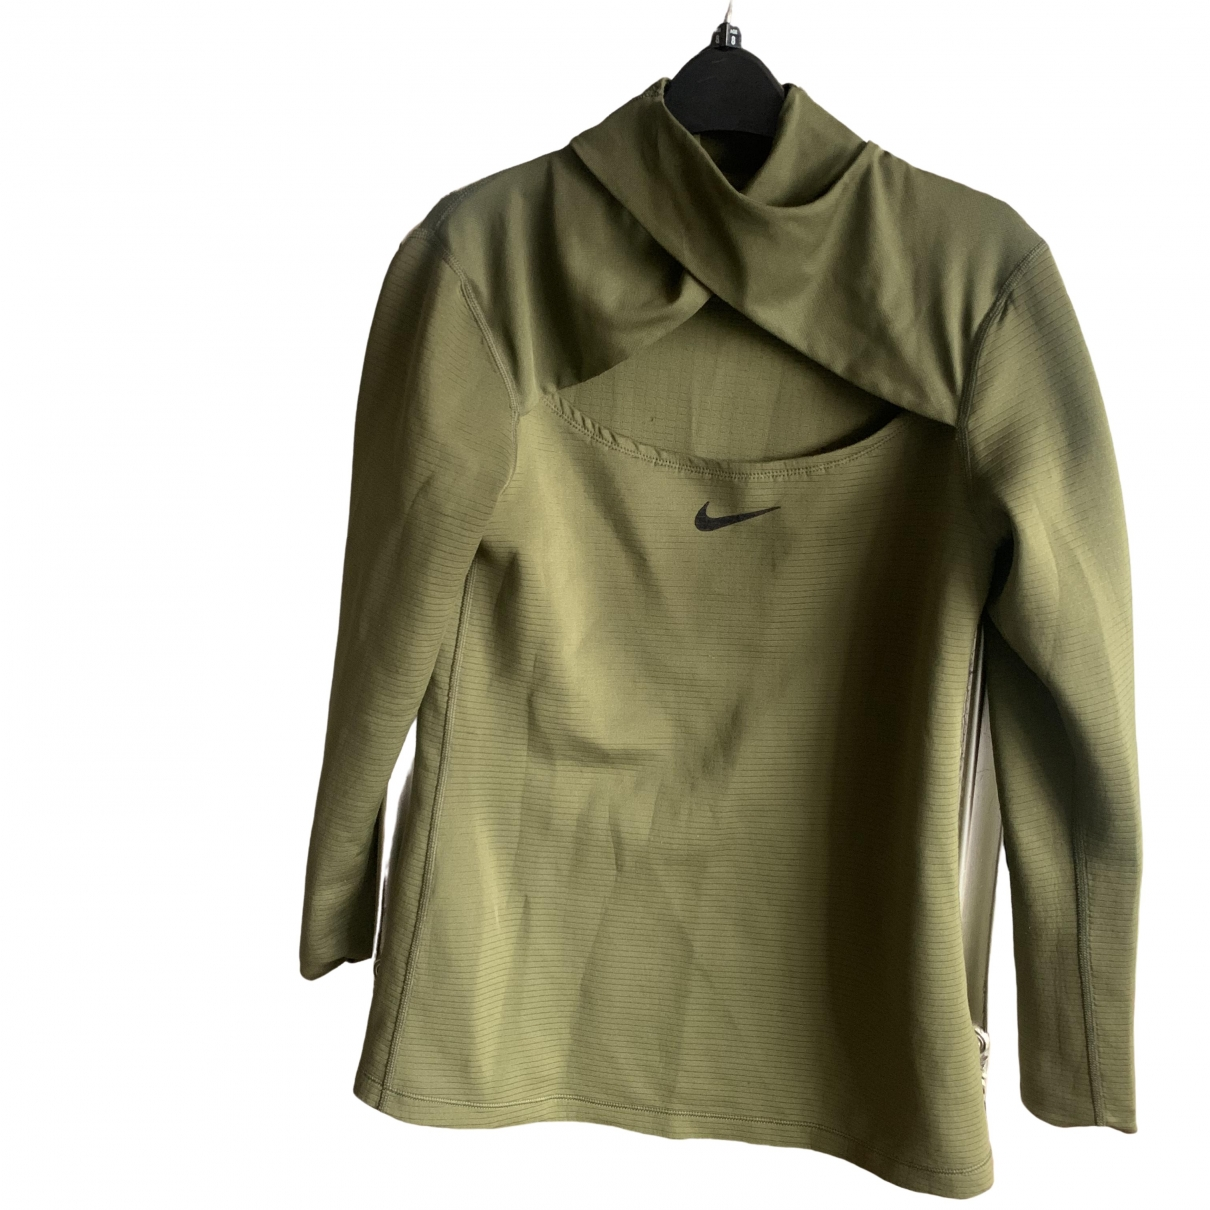 Nike \N Green Cotton  top for Women 8 UK